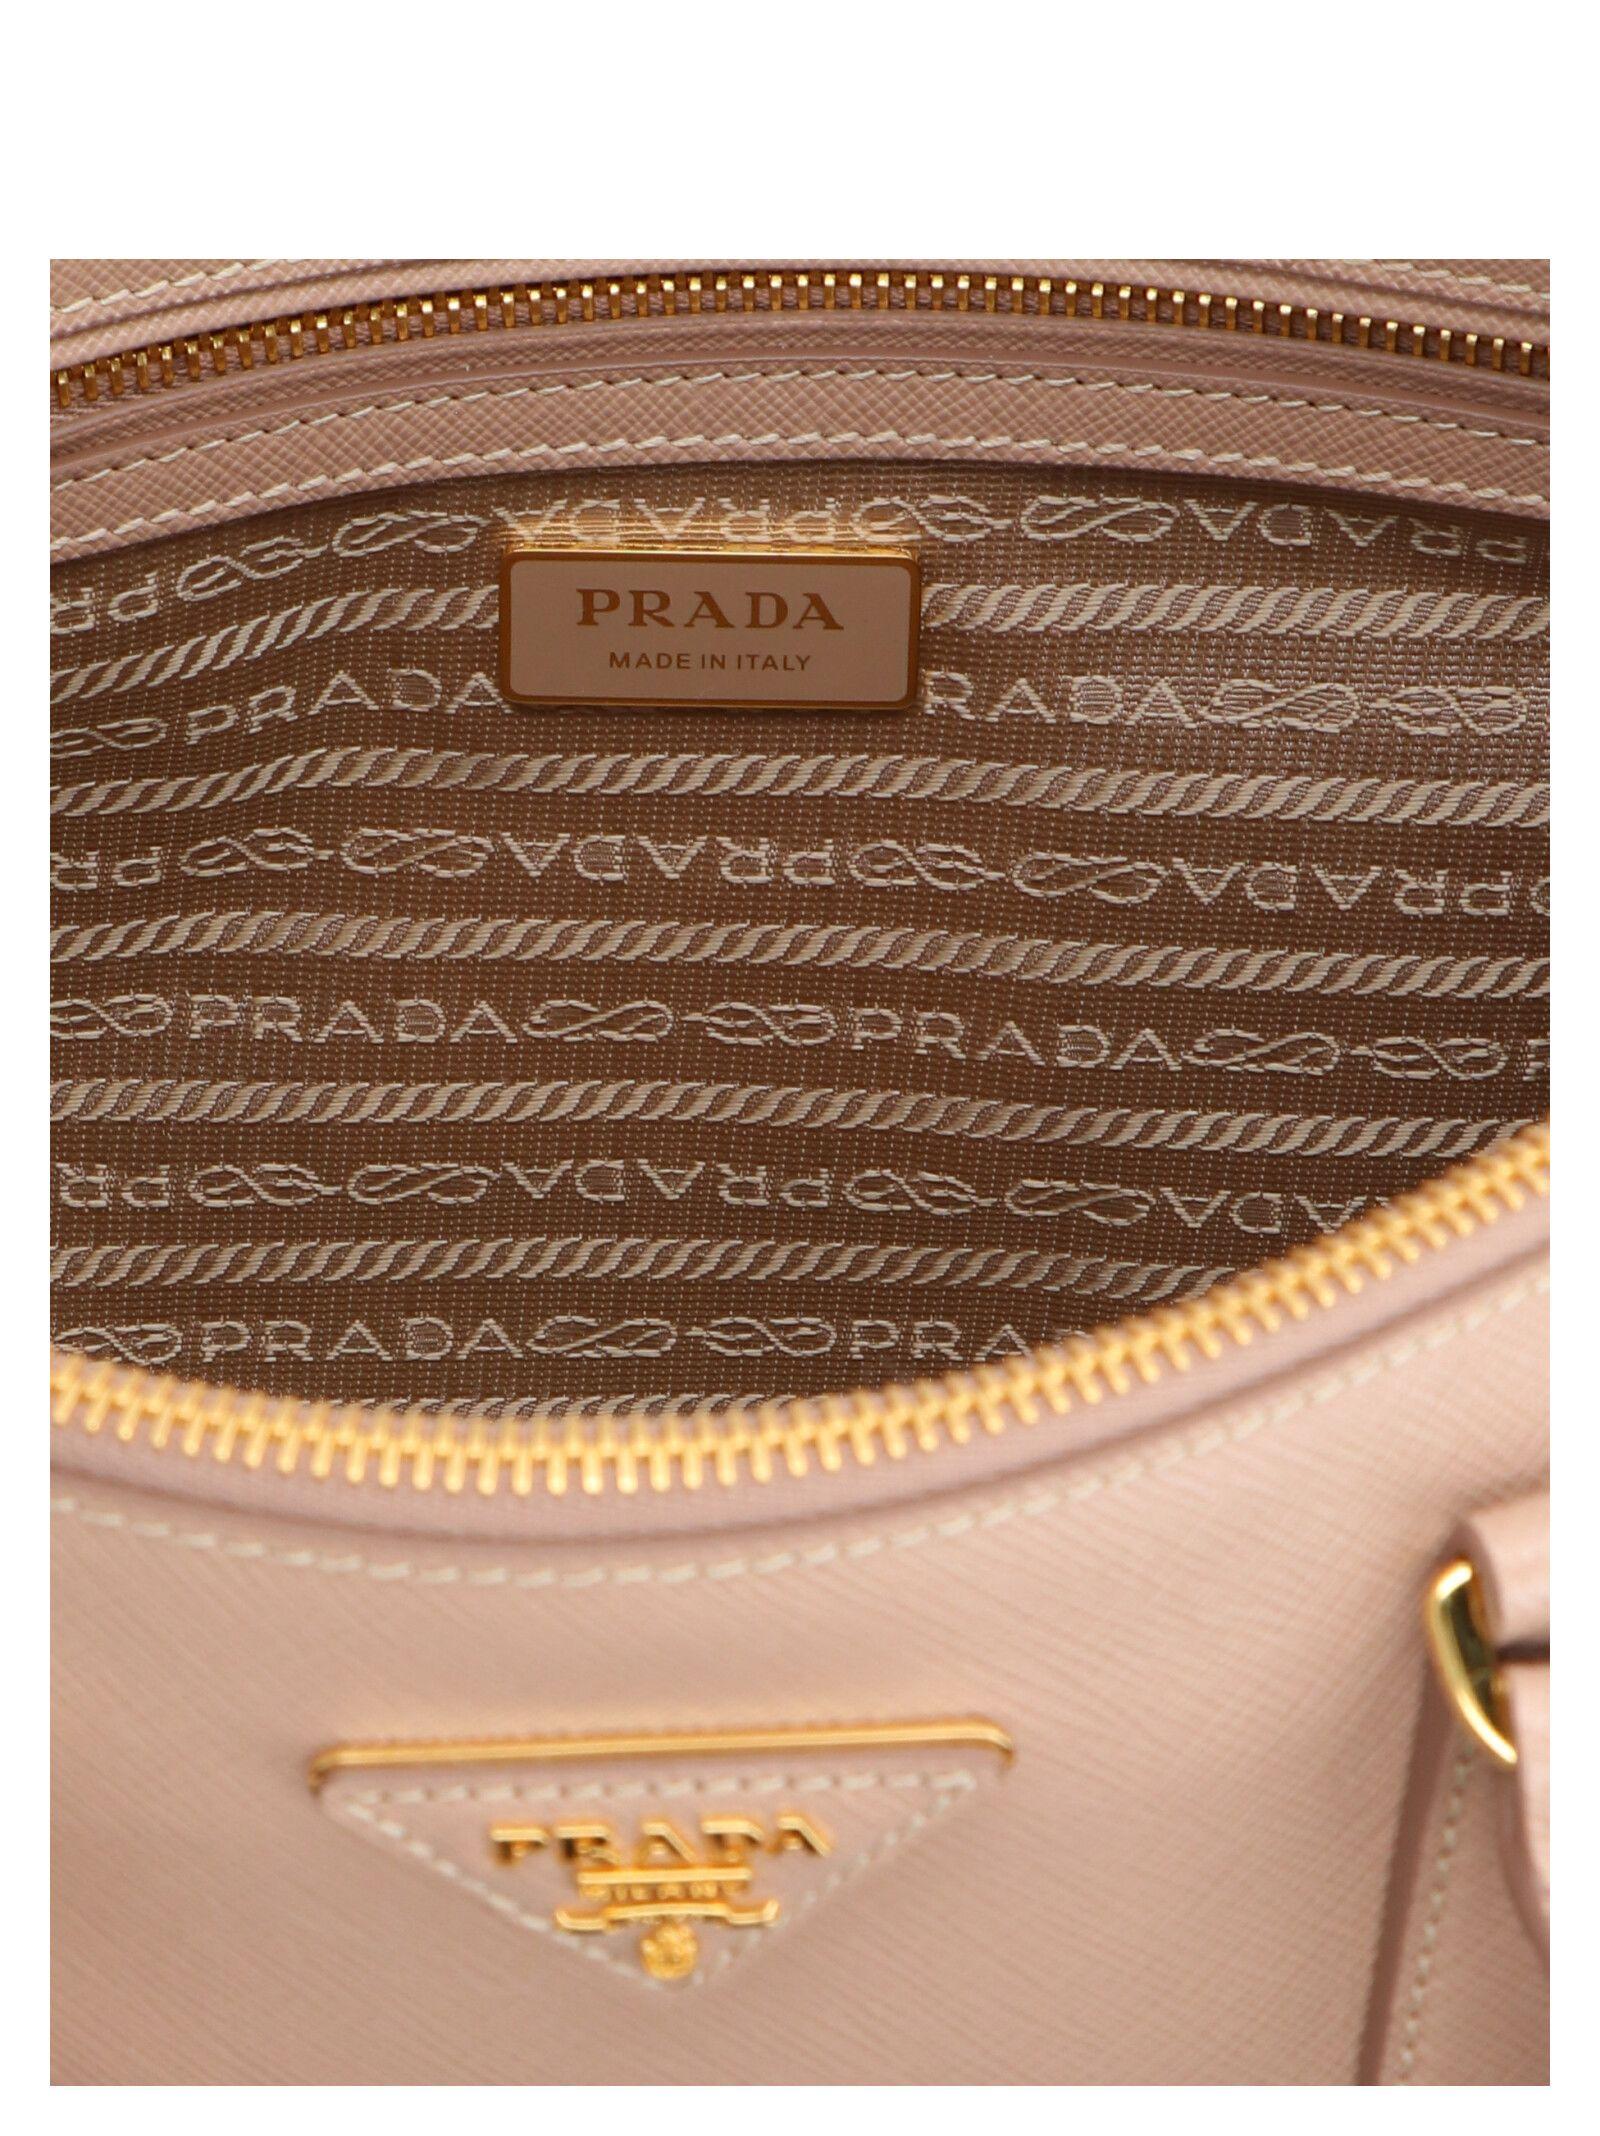 1a3c9480df8d46 Prada Prada 'galleria' Bag - Beige - 10964260   italist